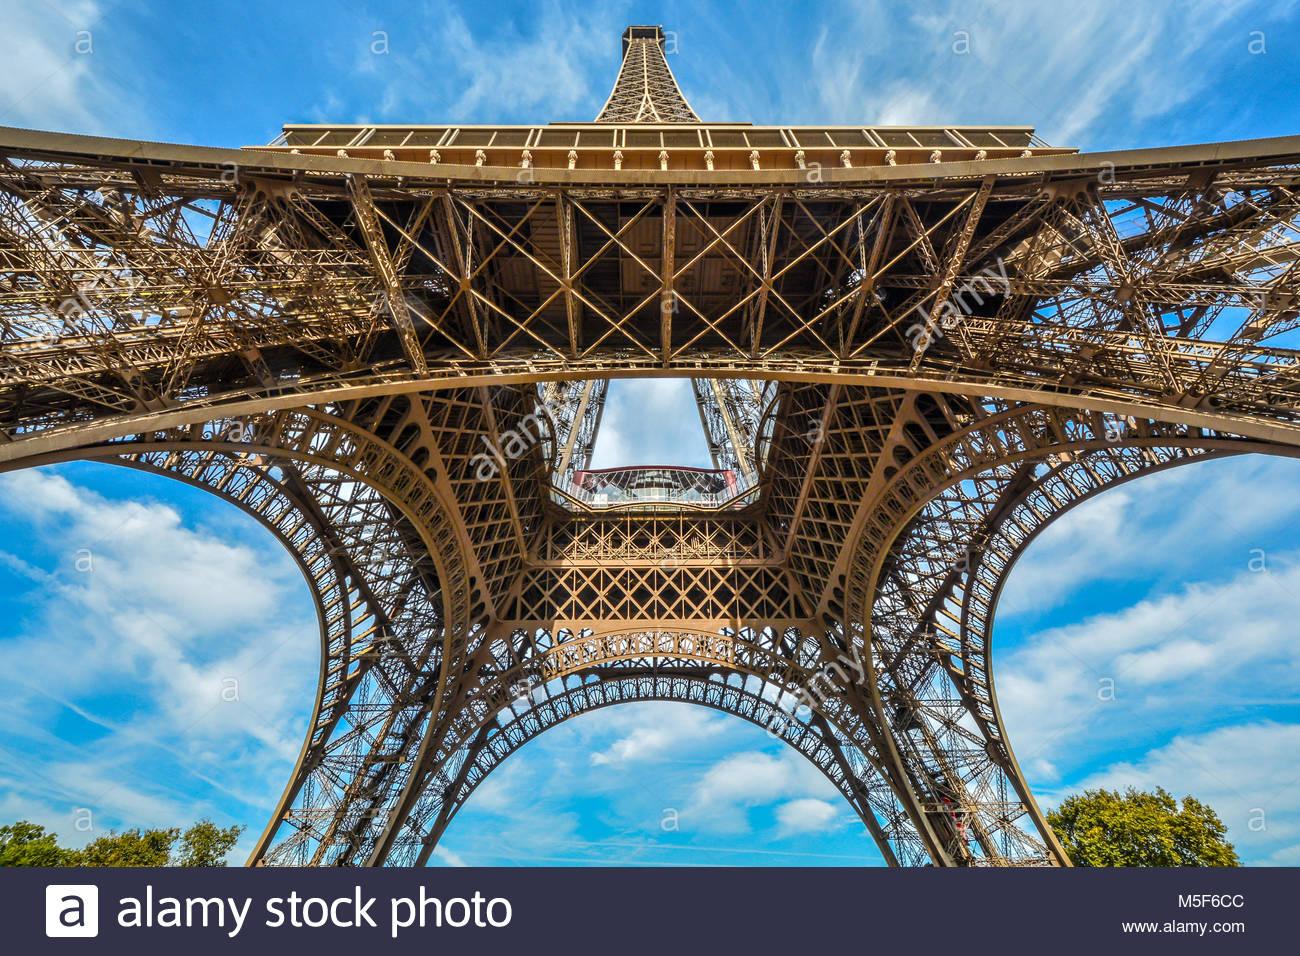 Jusqu'à la vue du dessous de la Tour Eiffel lors d'une journée ensoleillée avec un ciel bleu Photo Stock